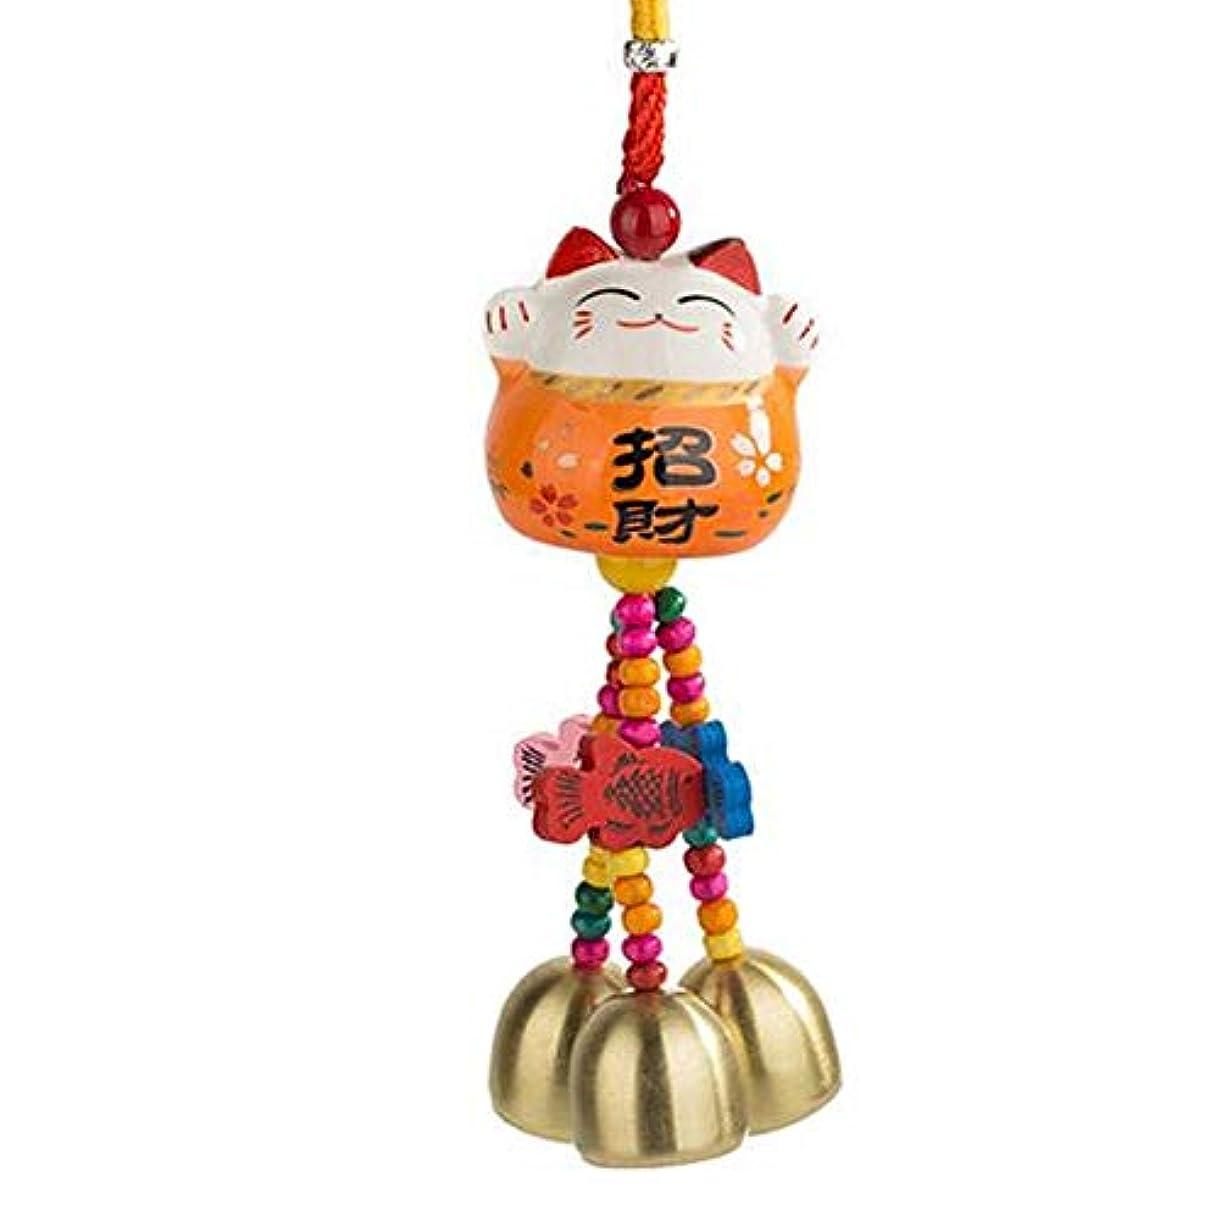 推定パイント自明Jingfengtongxun 風チャイム、かわいいクリエイティブセラミック猫風の鐘、赤、長い28センチメートル,スタイリッシュなホリデーギフト (Color : Orange)